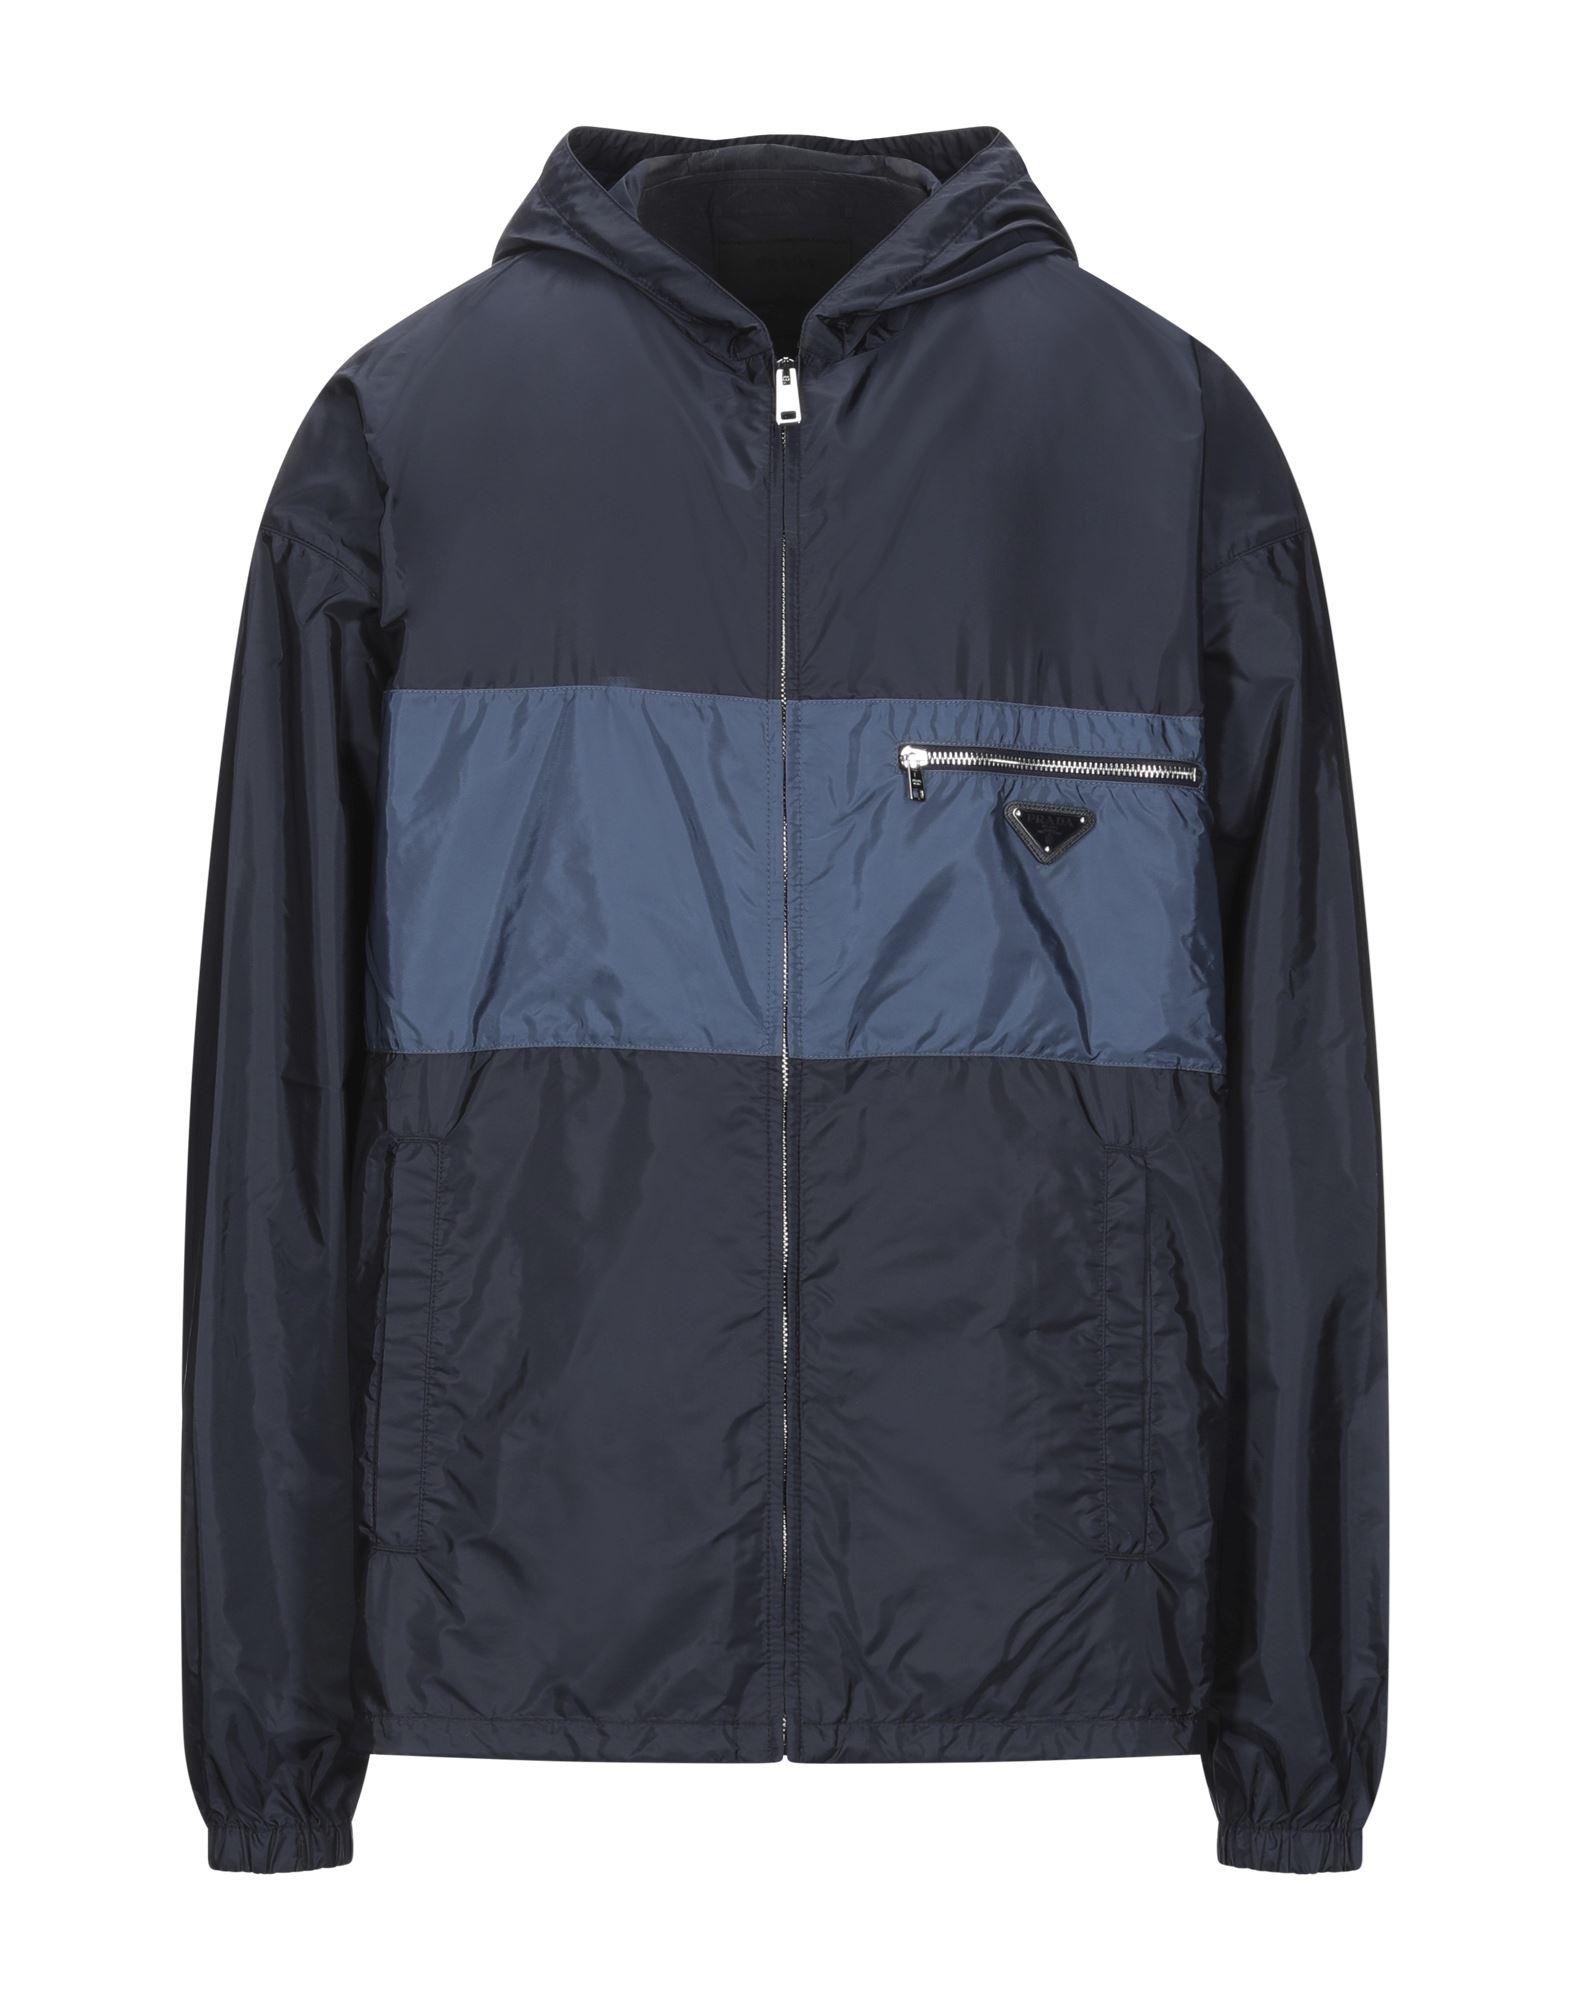 PRADA Jackets - Item 16005296